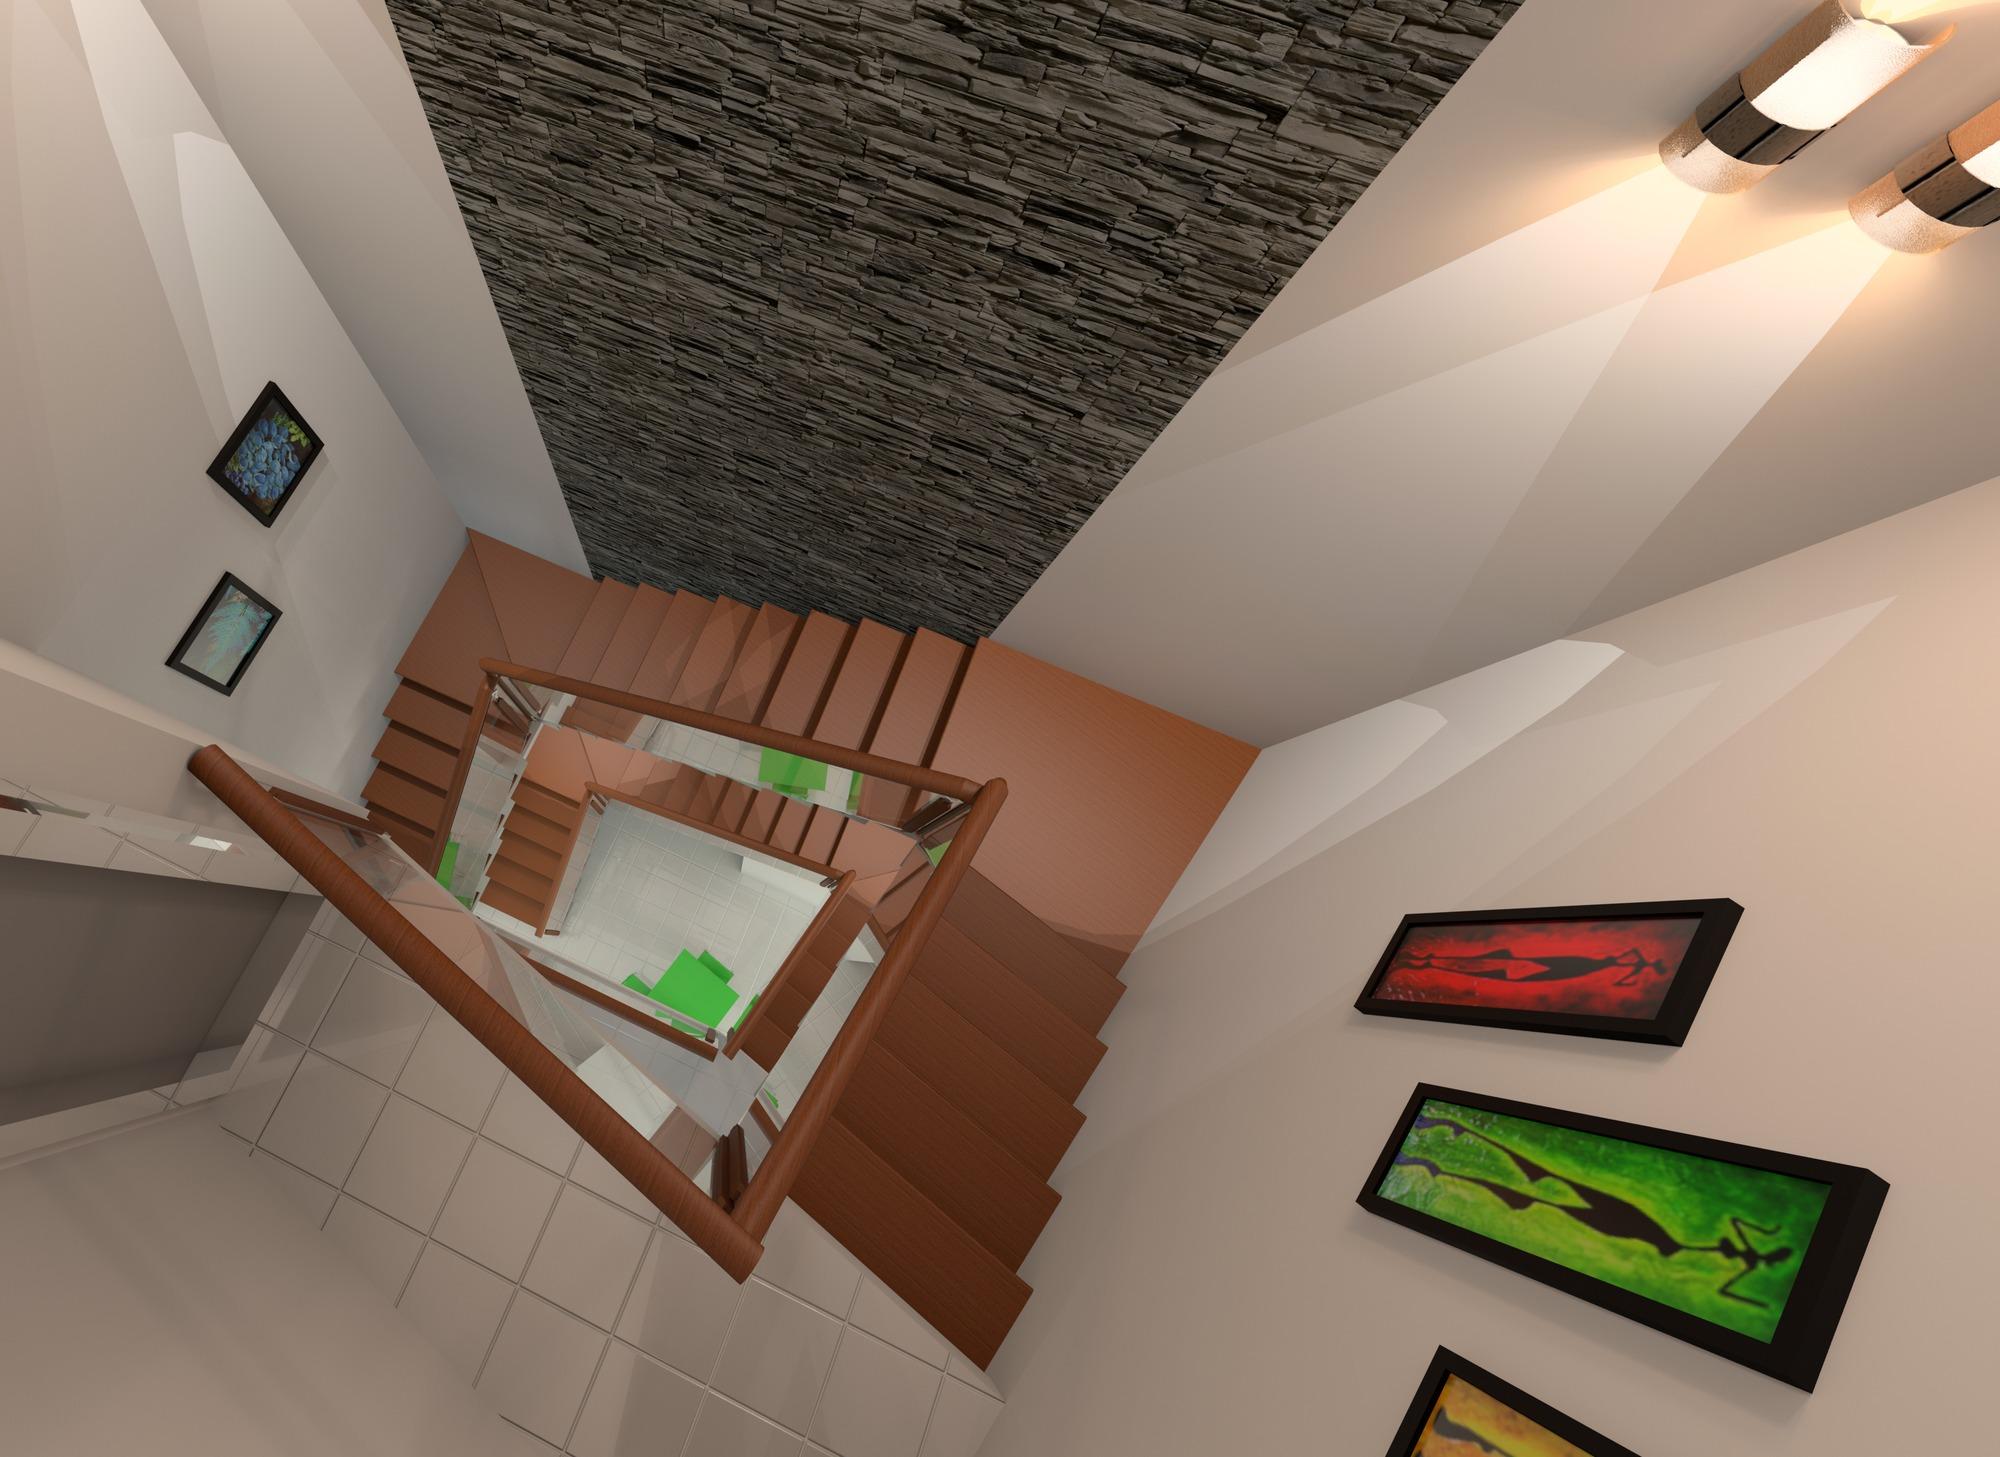 Raas-rendering20150417-22574-jvrk7p